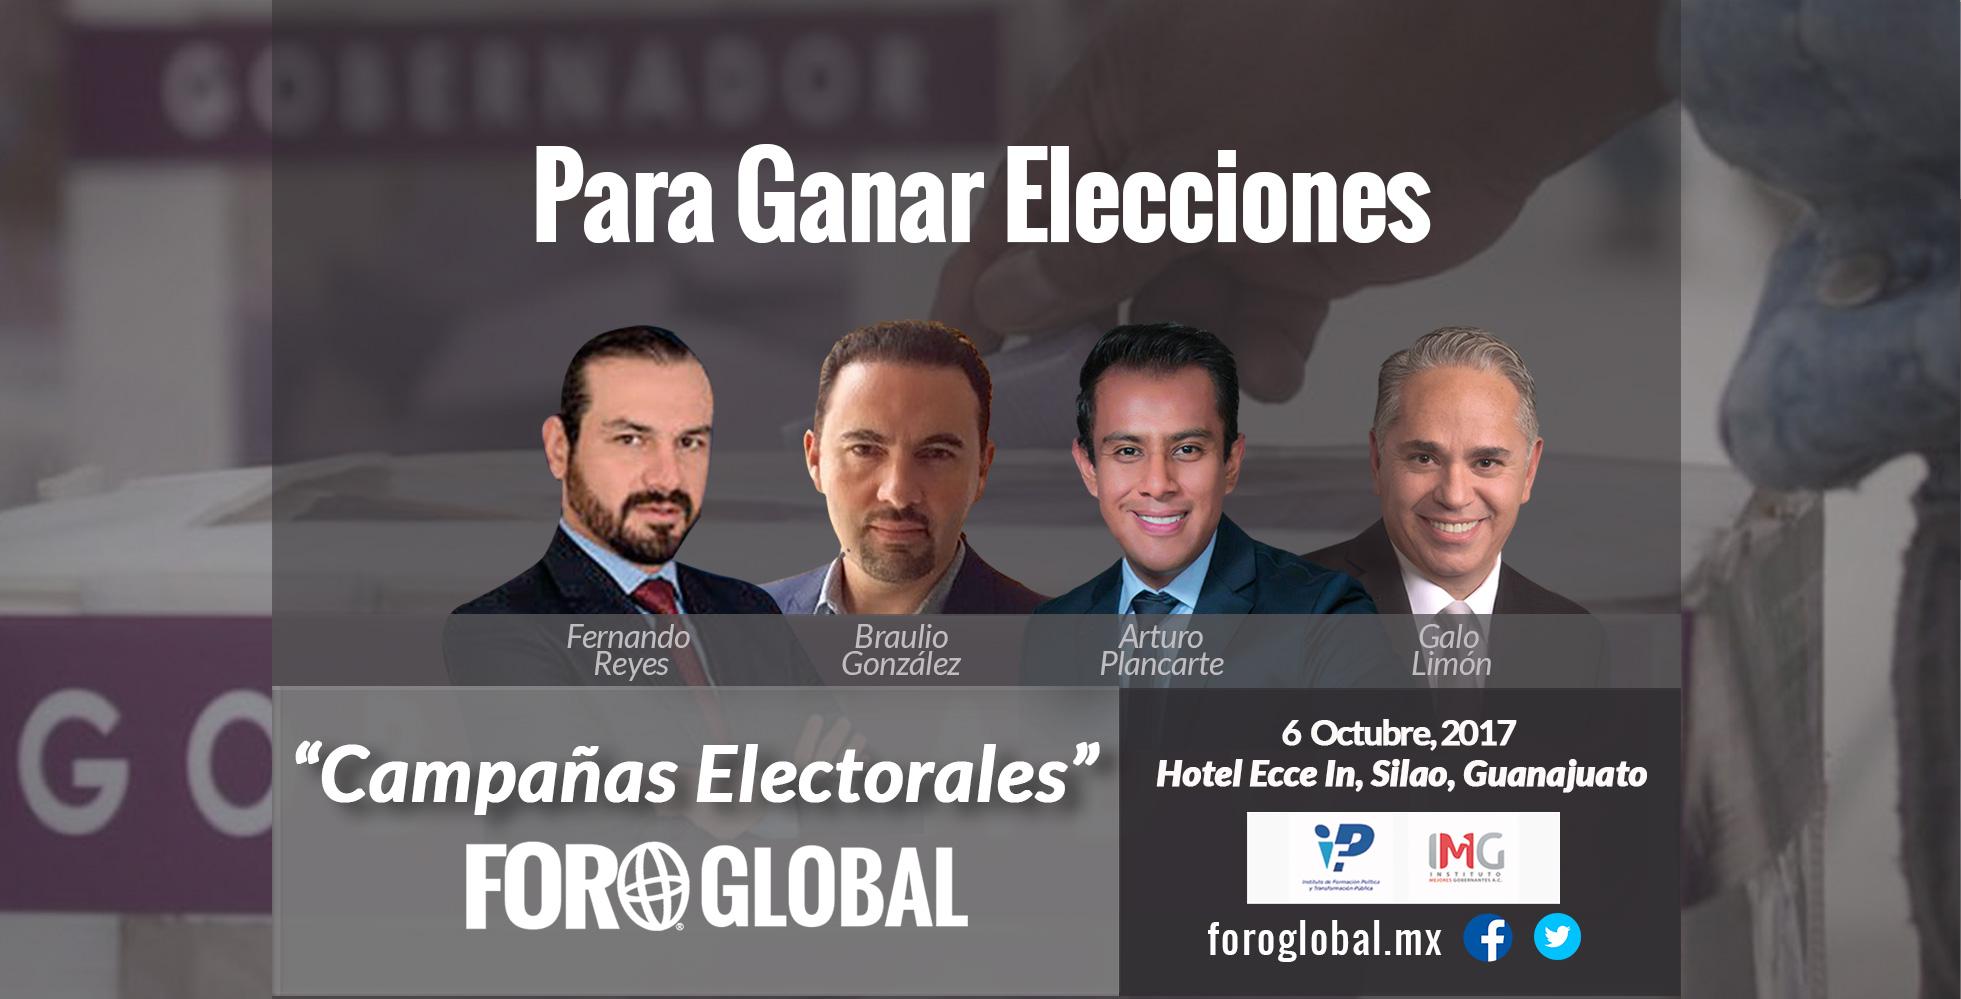 Adquiere claves de éxito para organizar y #ganar campañas electorales. #CómoLlevarUnaCampaña #CampañasElectorales Campañas Electorales - Foro Global foroglobal.mx WhatsApp (462) 139 55 54